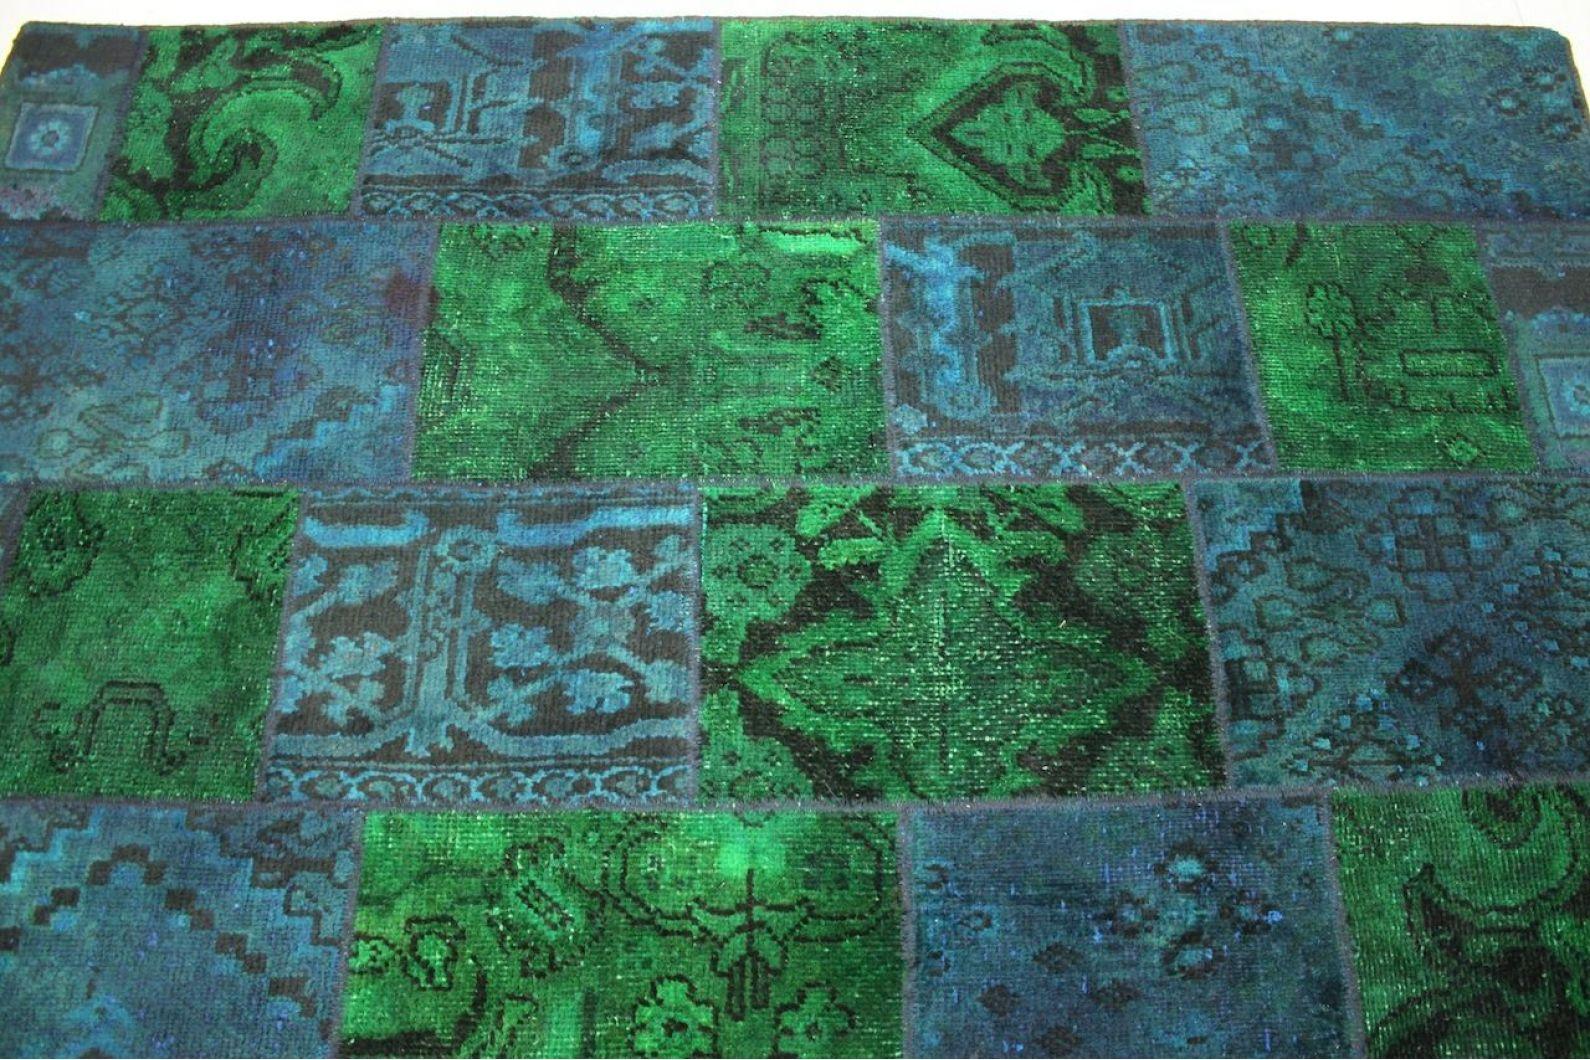 patchwork teppich gr n blau t rkis in 300x200cm 1001 2012. Black Bedroom Furniture Sets. Home Design Ideas